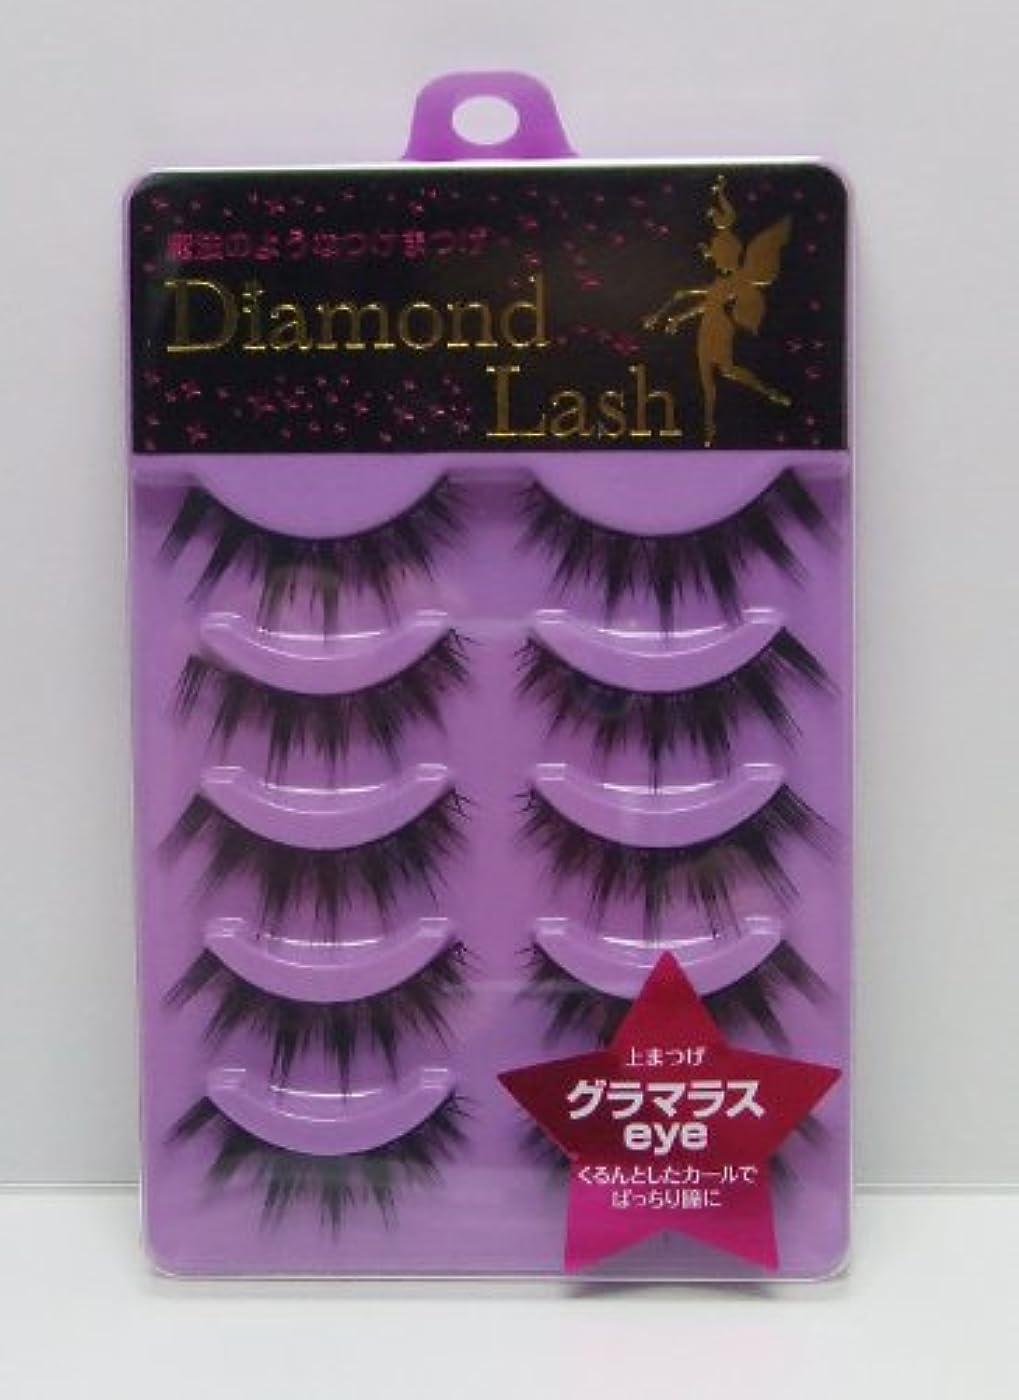 スーツ提案脱走ダイヤモンドラッシュ グラマラスeye 上まつげ用 DL51151